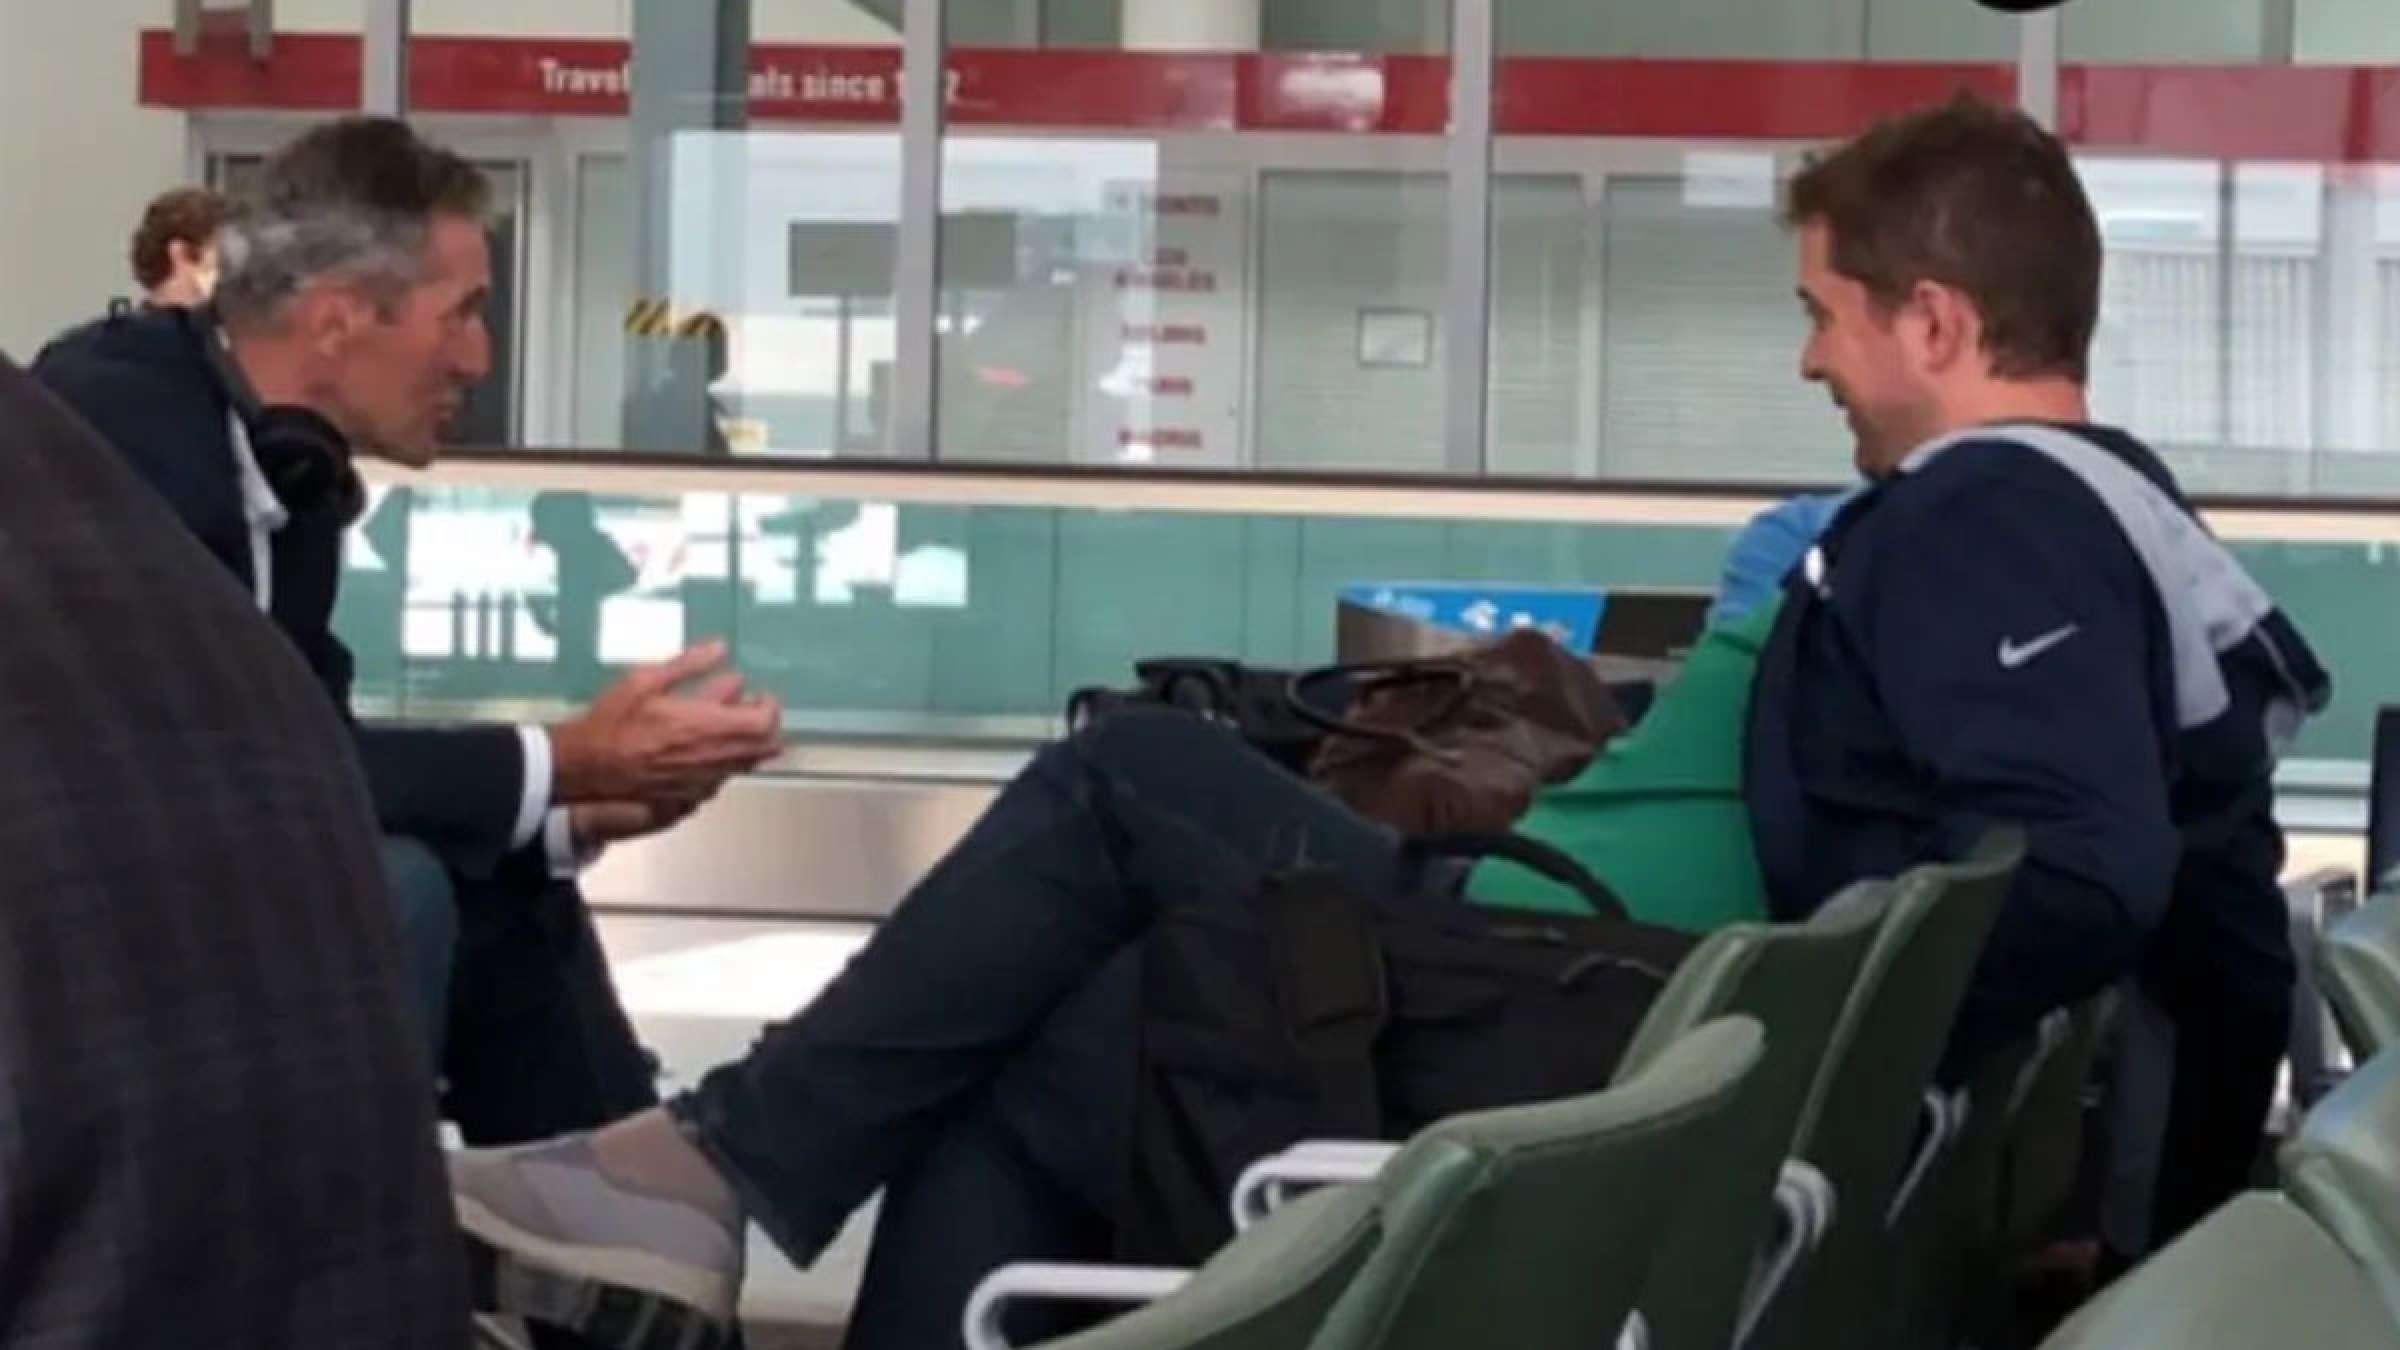 شییر-بدون-ماسک-در-فرودگاه-تورنتو-دیده-شد